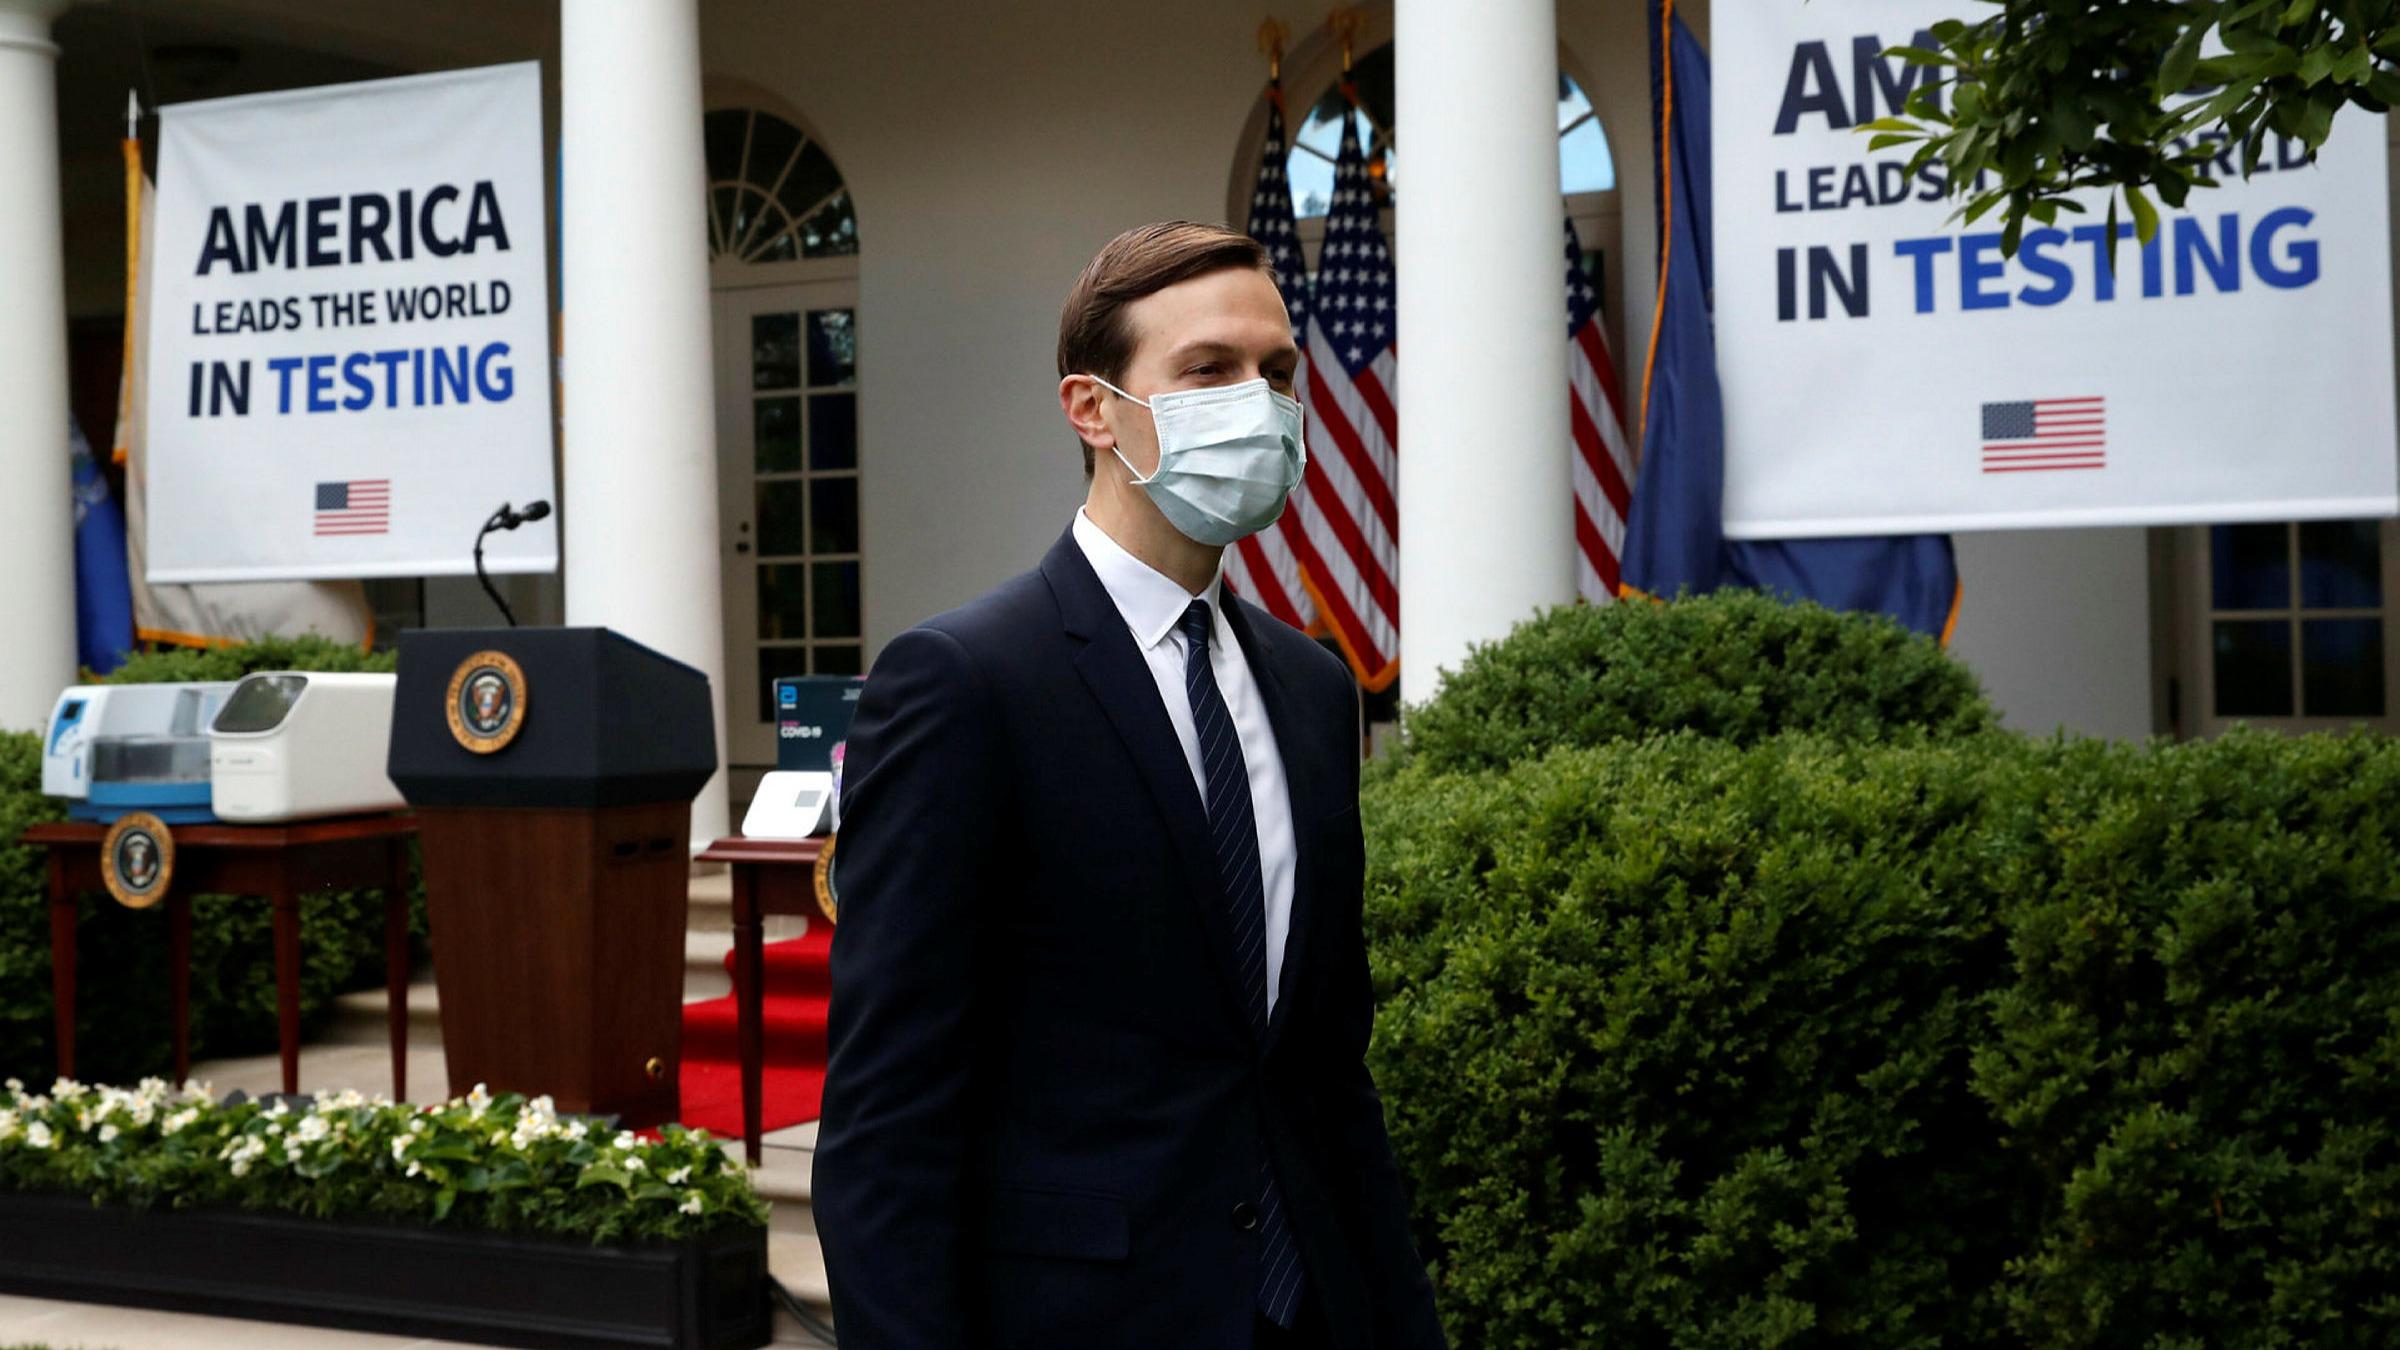 特朗普感染新冠白宫也不会强制要求工作人员戴口罩